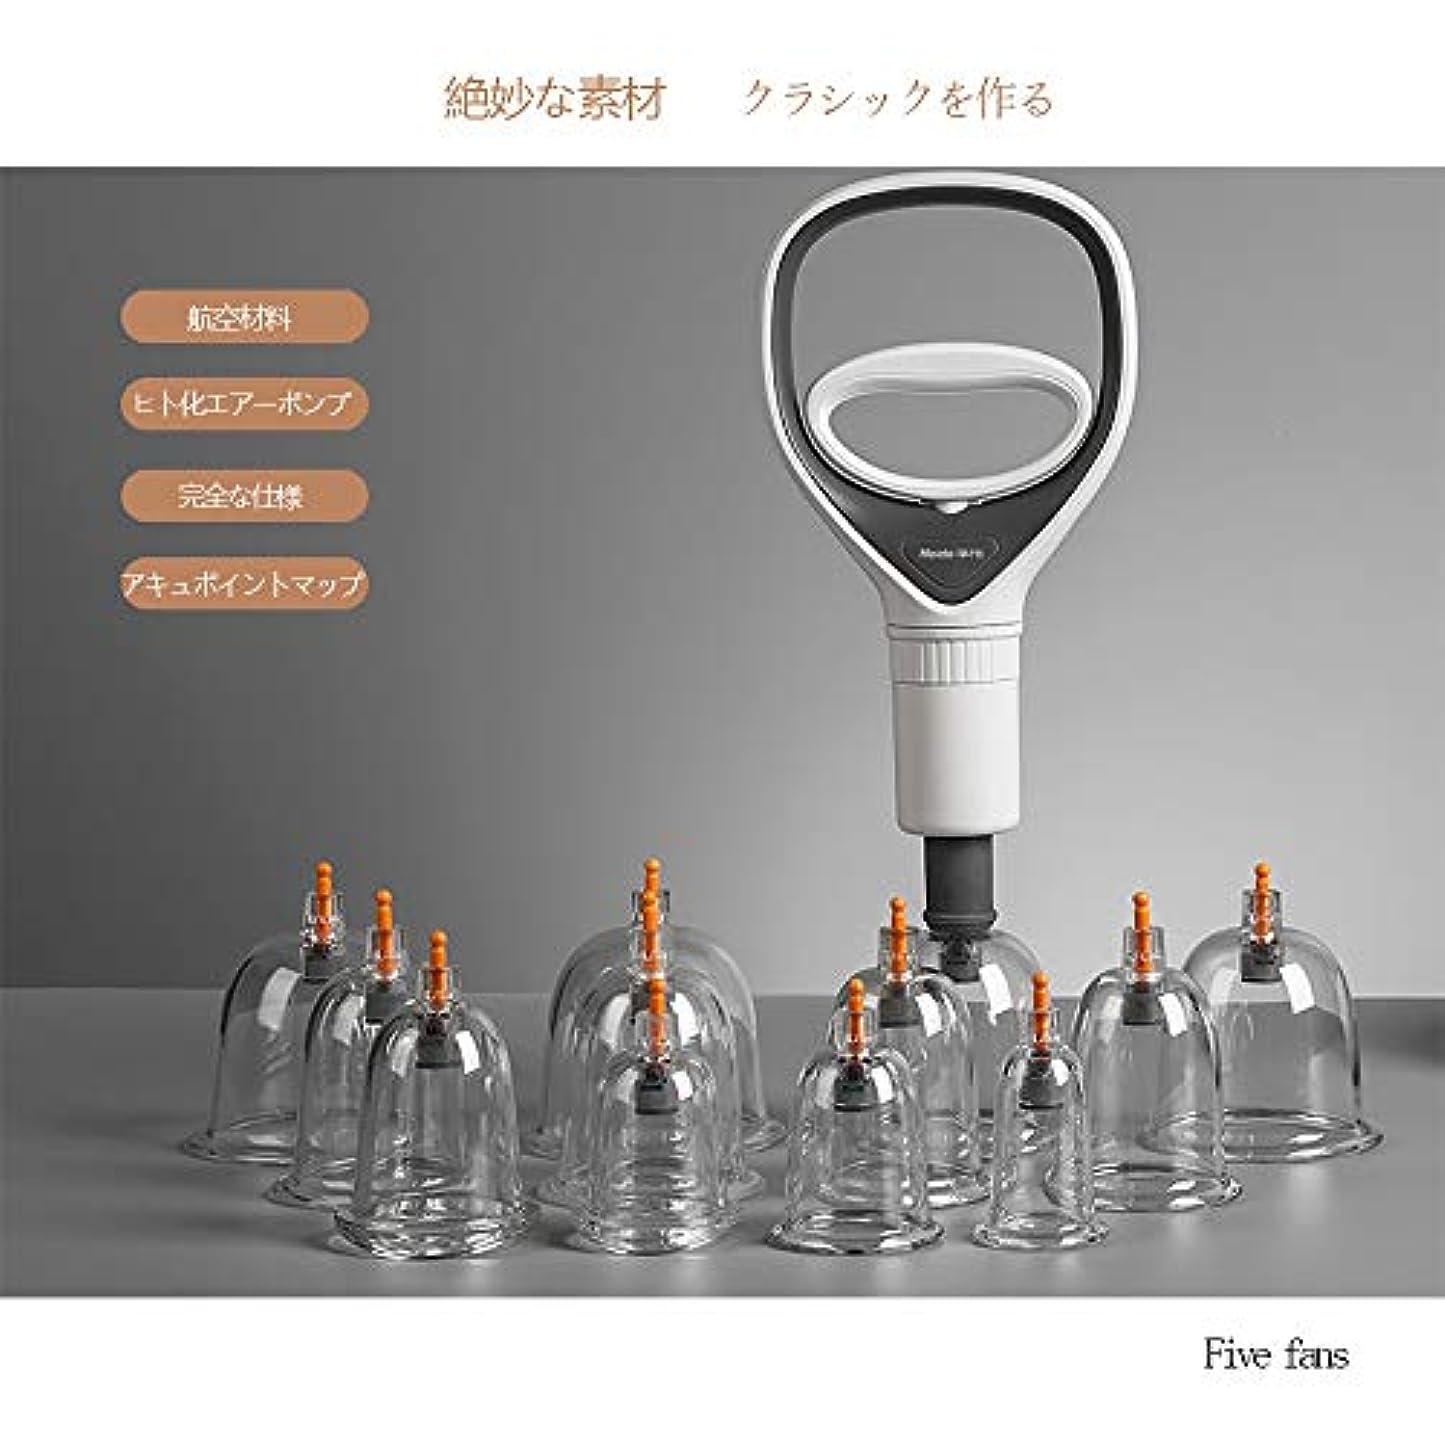 スペースやりすぎびんカッピング 吸い玉 マッサージカップ 磁気 ポンプ付きカッピングセット 疲労解消 血液の循環を刺激 各部位対応8種類 12個セット(ギフトボックス付き)